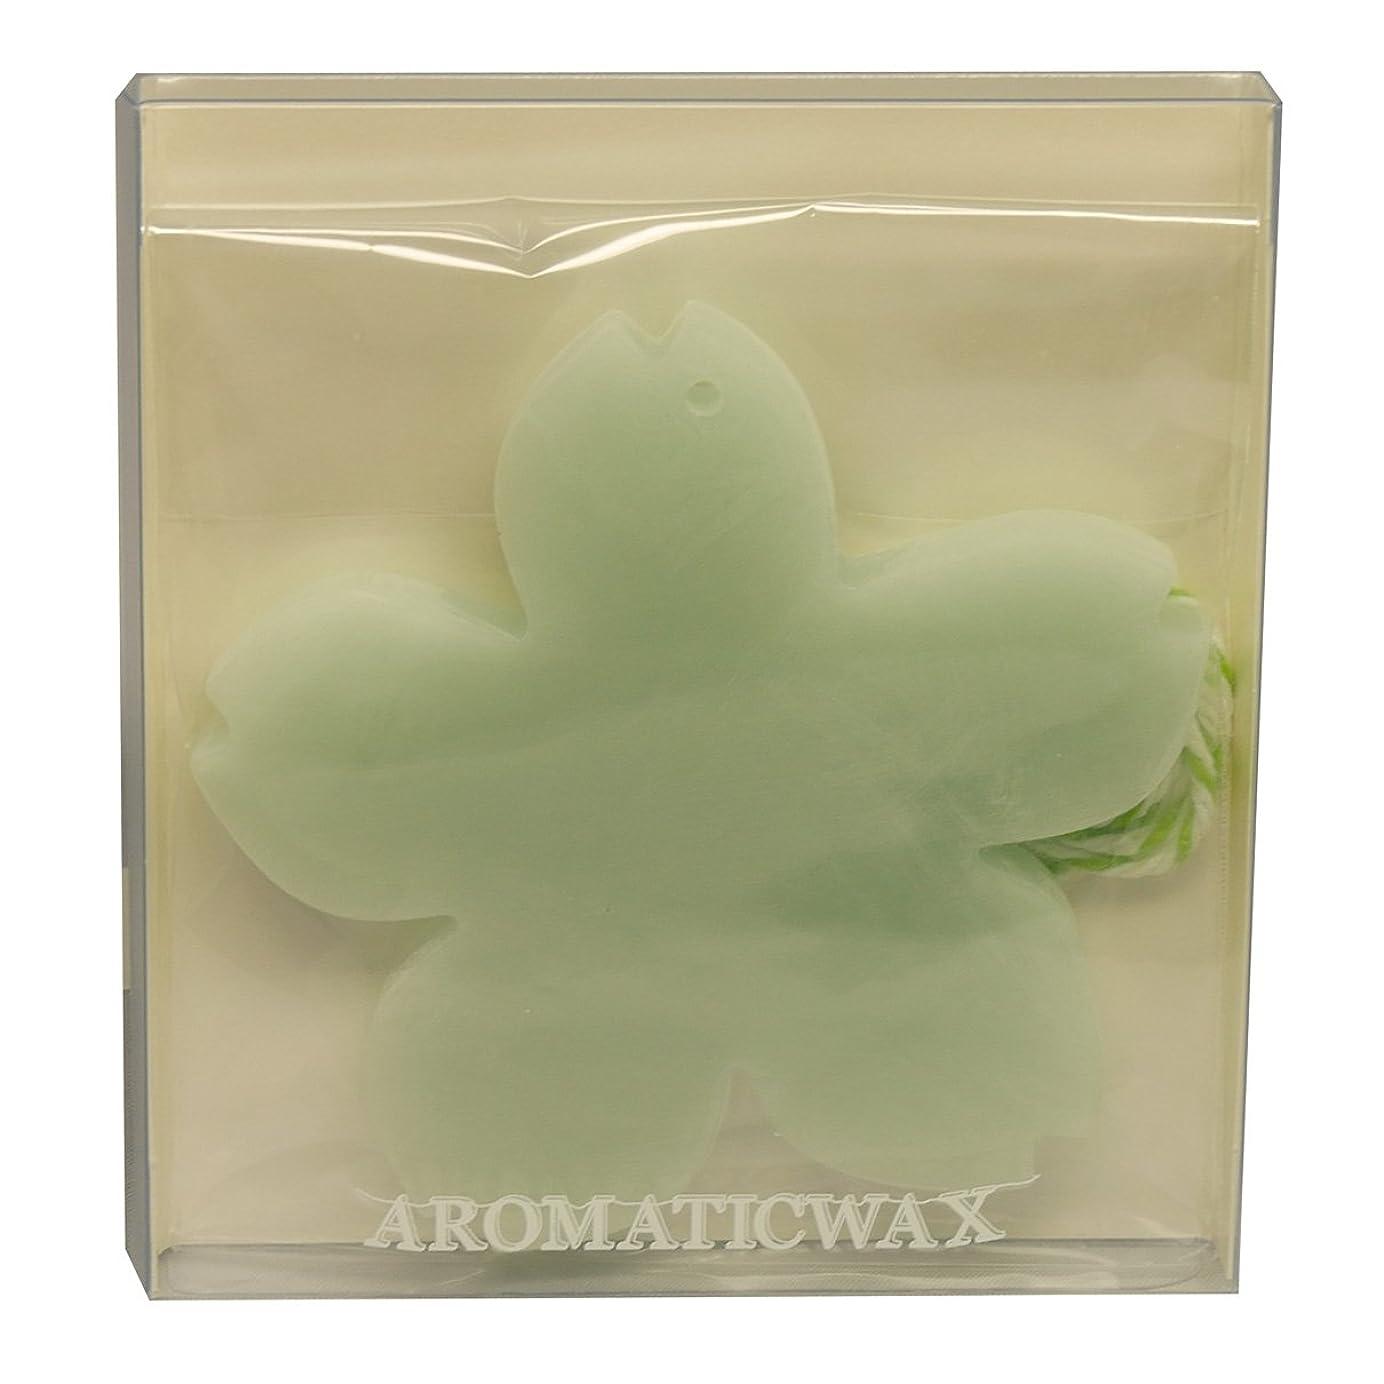 周術期傾いた伝統GRASSE TOKYO AROMATICWAXチャーム「さくら」(GR) レモングラス アロマティックワックス グラーストウキョウ